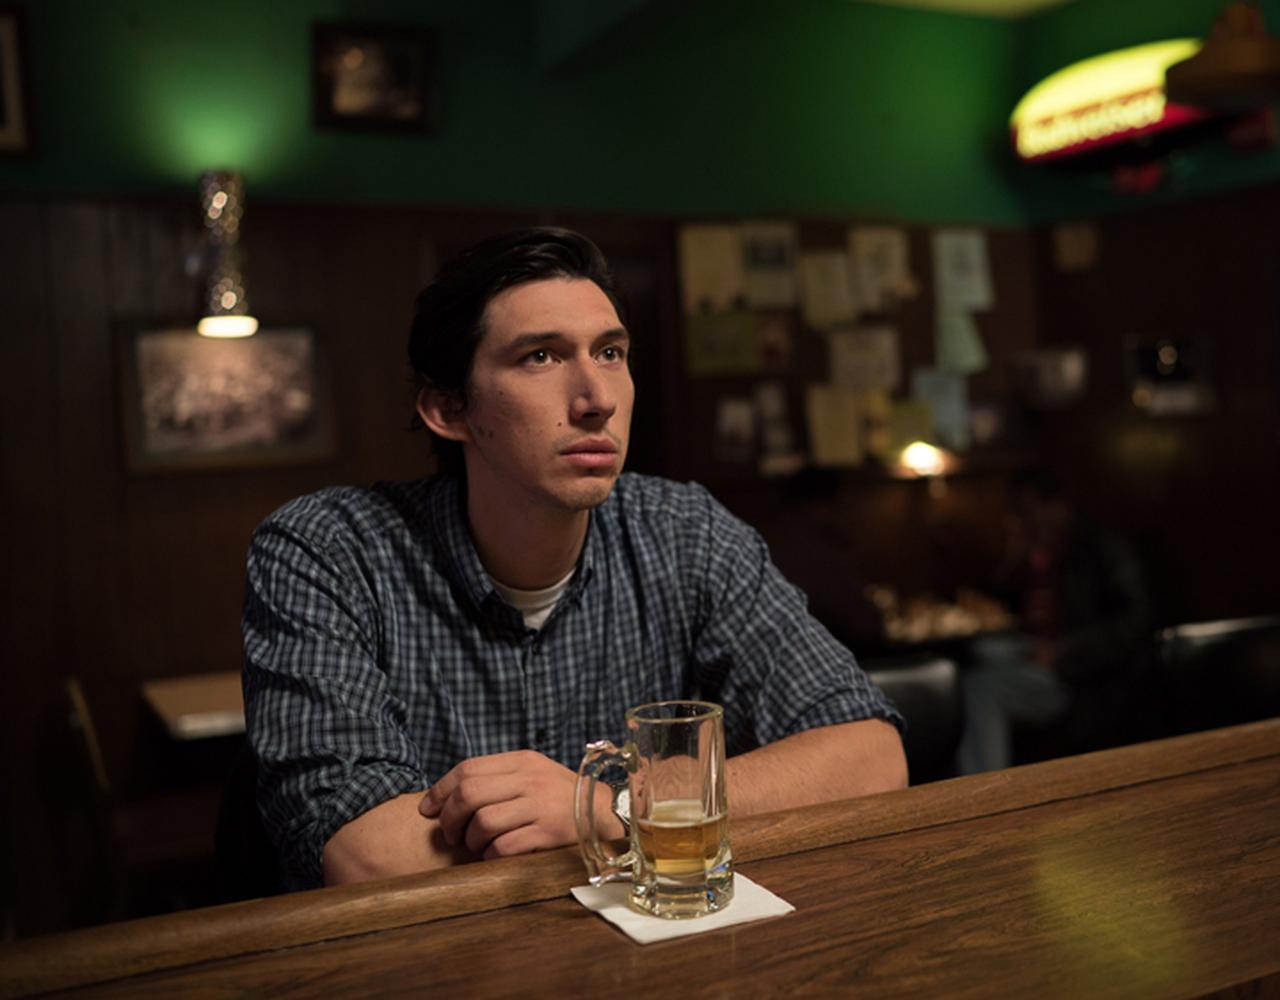 画像3: インディペンデント映画を牽引するジム・ジャームッシュ監督の最新作「パターソン」8月26日公開